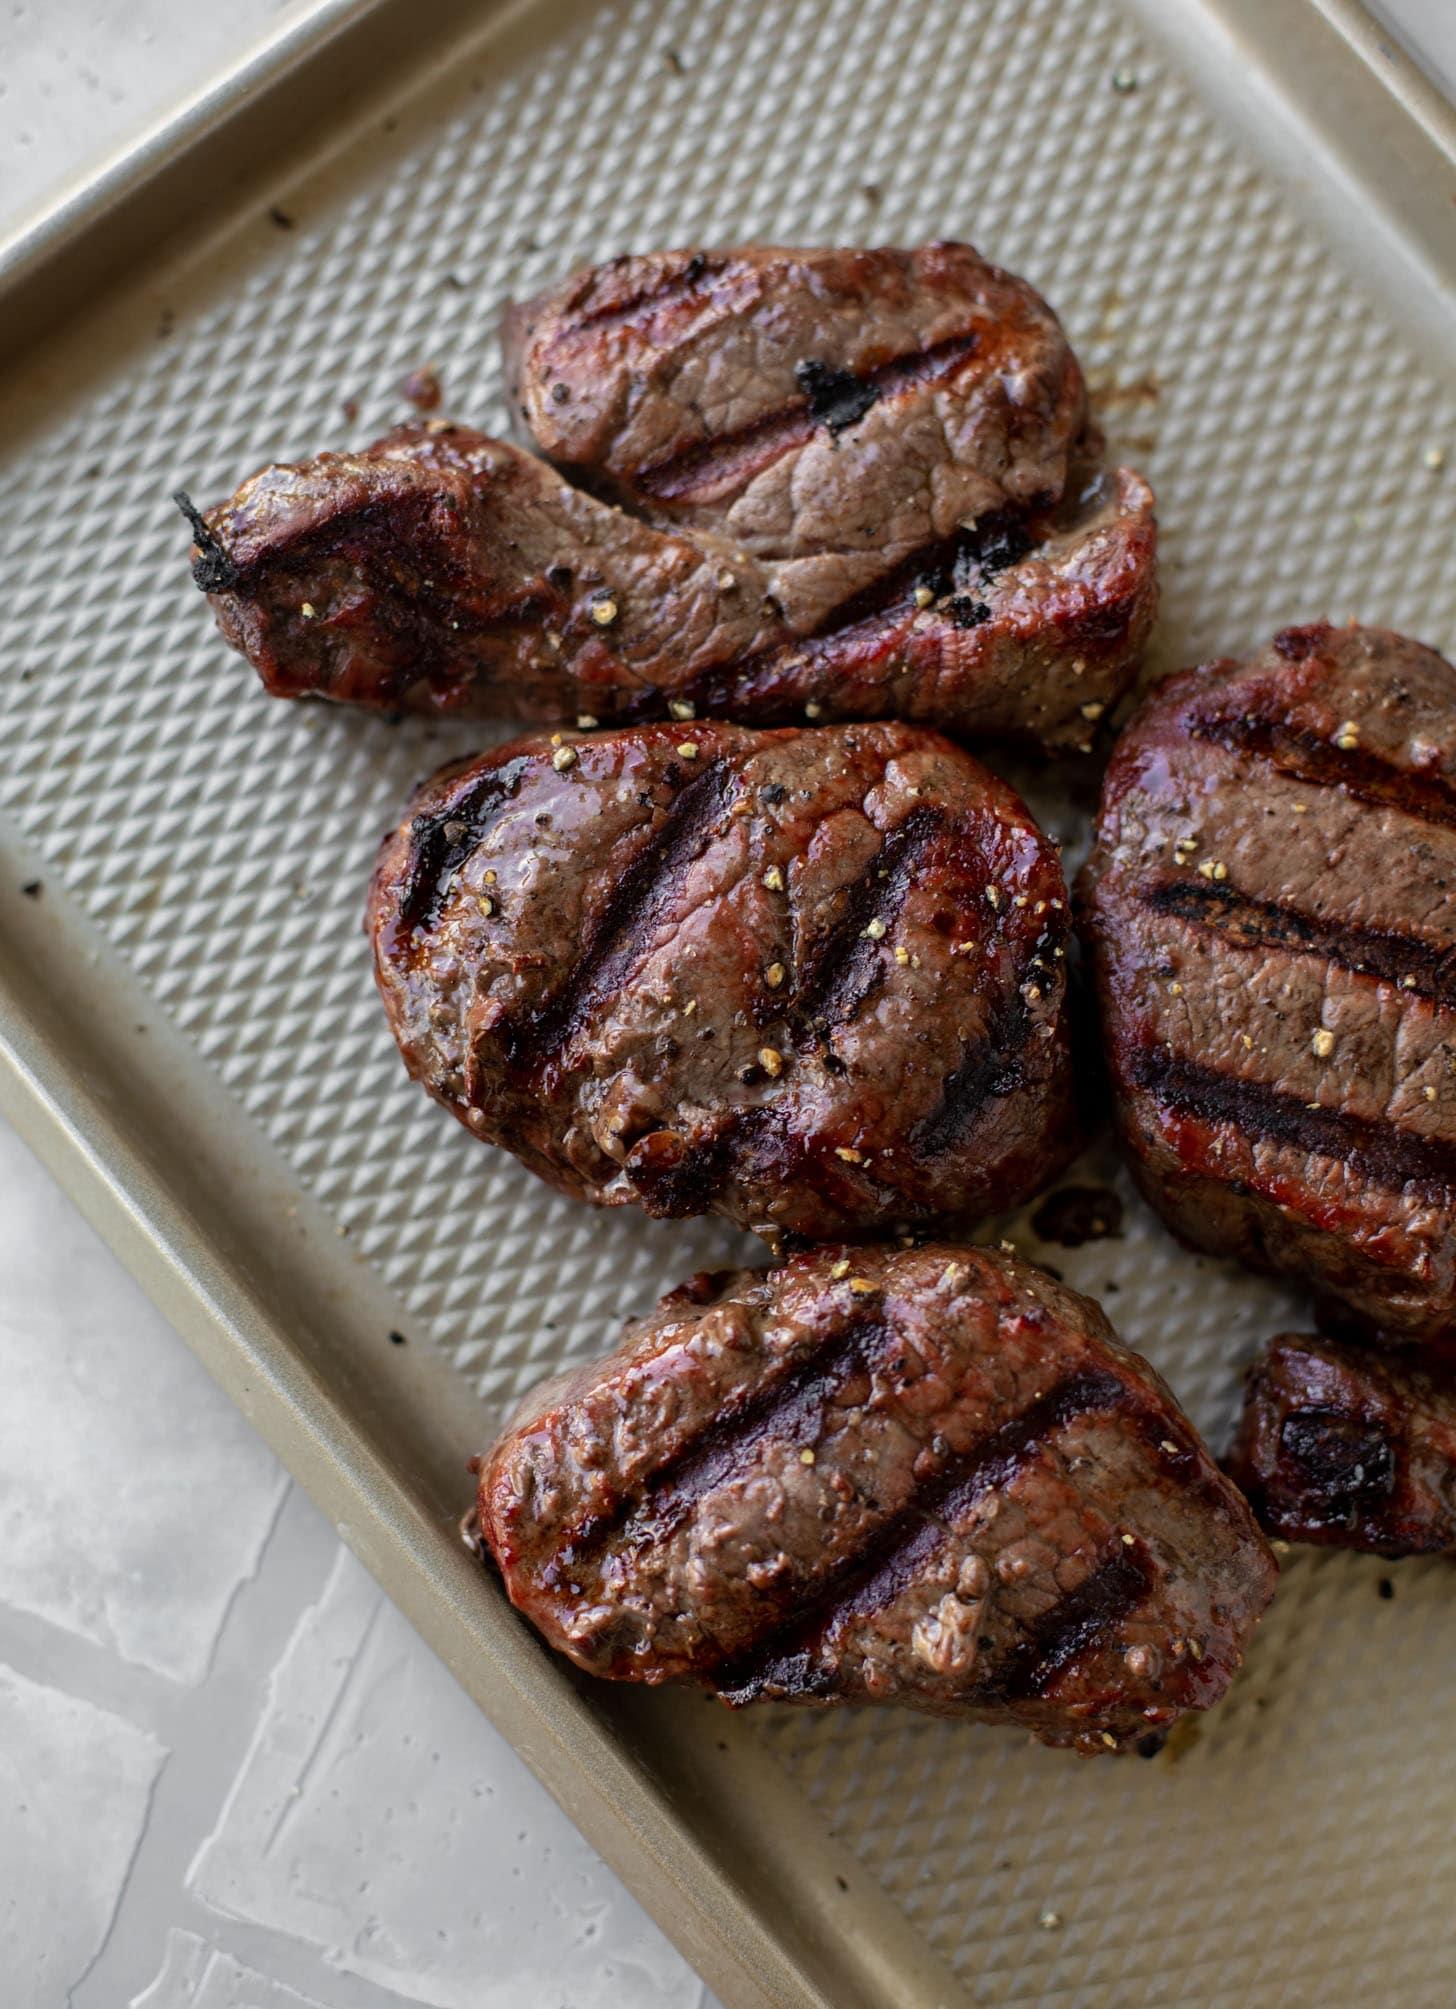 grilled filet